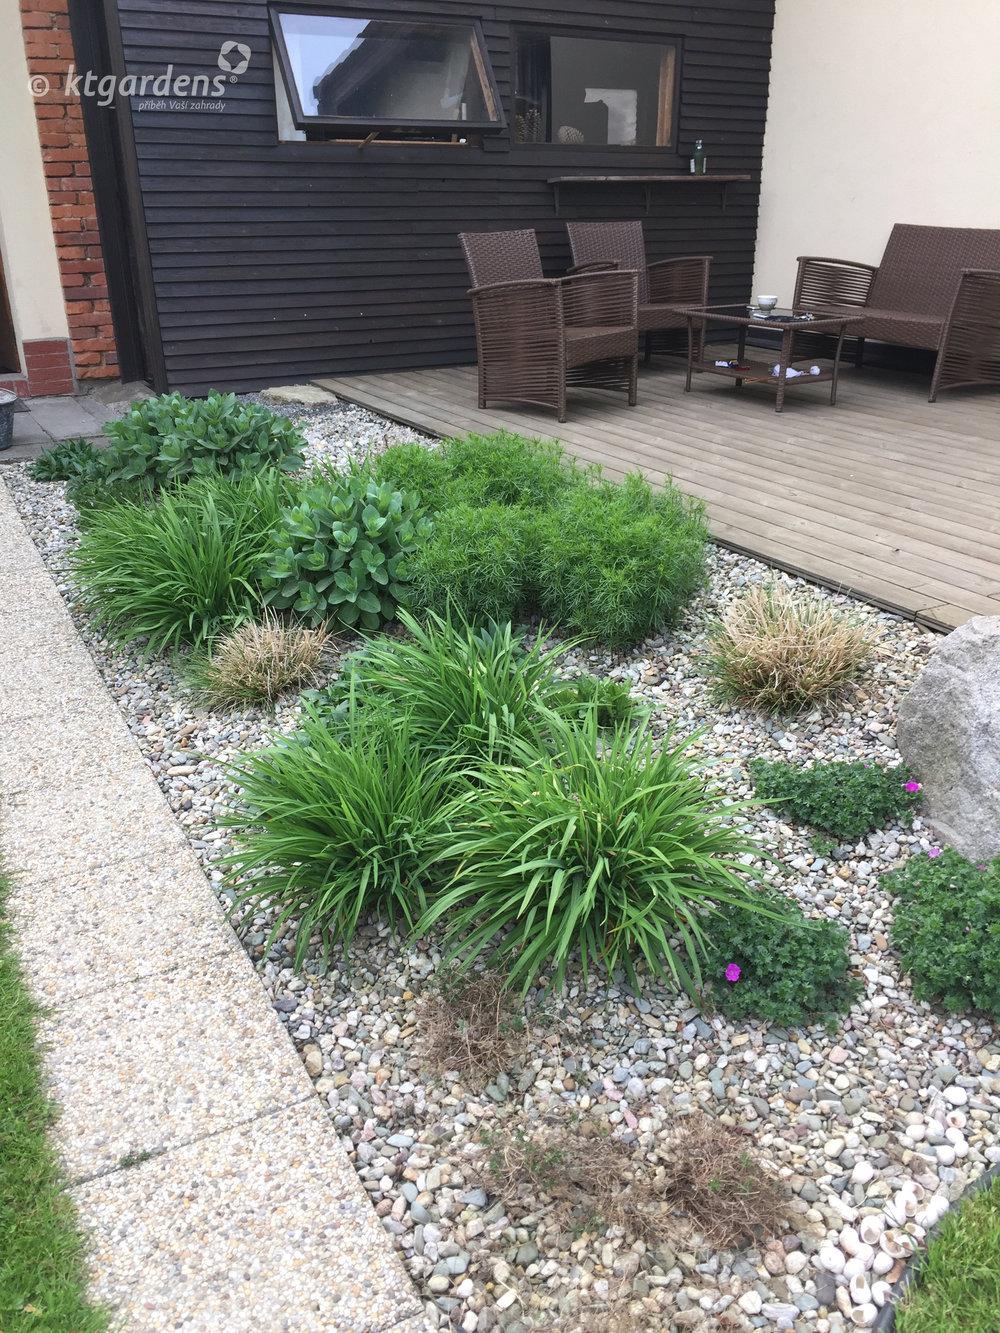 zahrada v Zelinkovicích, ktgardens, Monika Kořená, trvalkový záhon, terasa